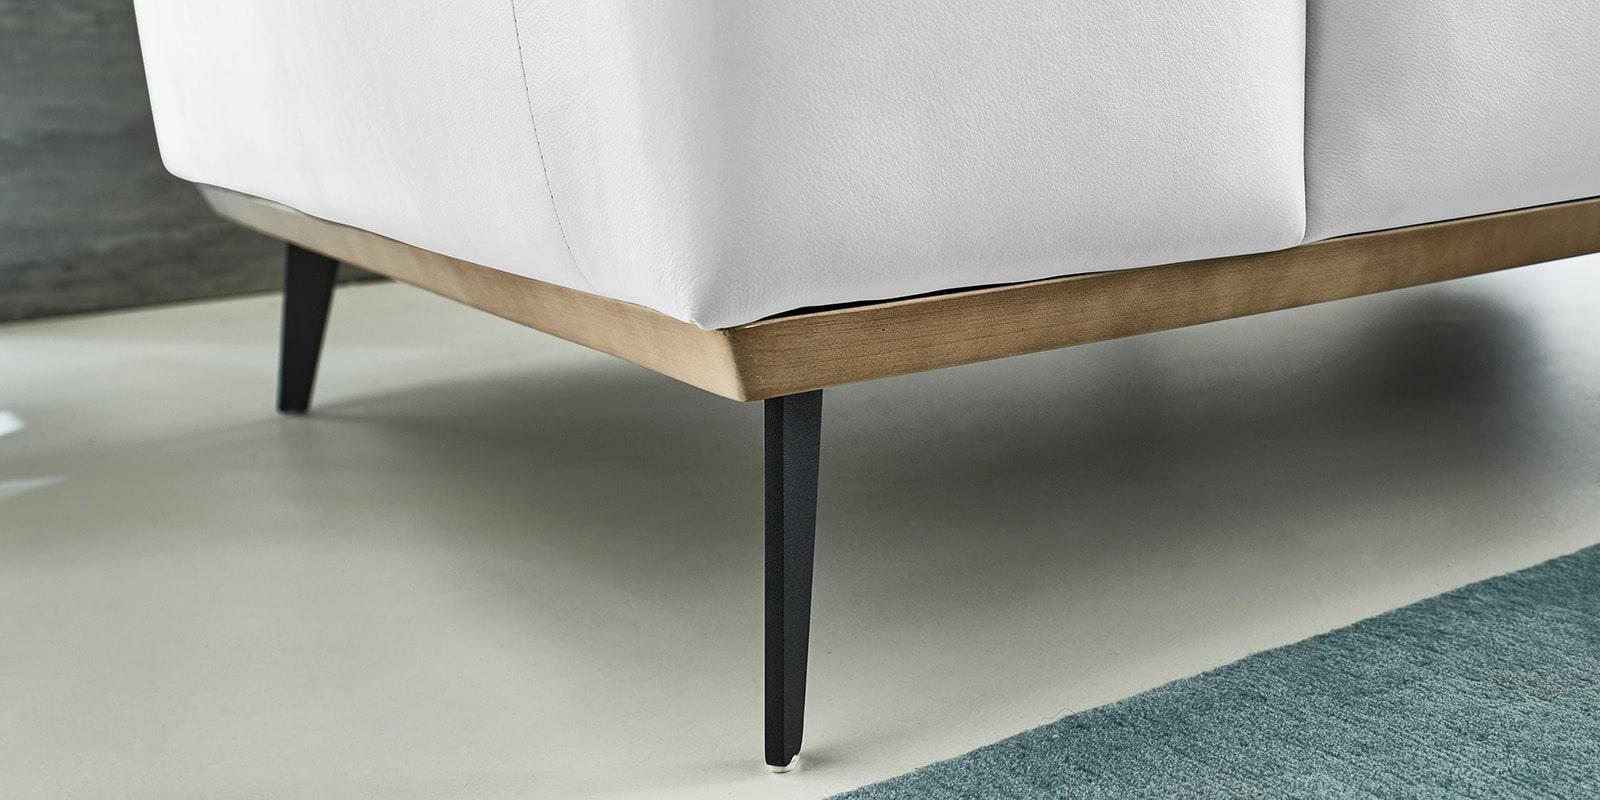 Moebella24 - 1,5-Sitzer - Sessel - Sofa - Barcelona - Leder - Weiß - Skandinavisches - Design - Punto - cavallo - Nähte - Elegante - Füße - Detailaufnahme